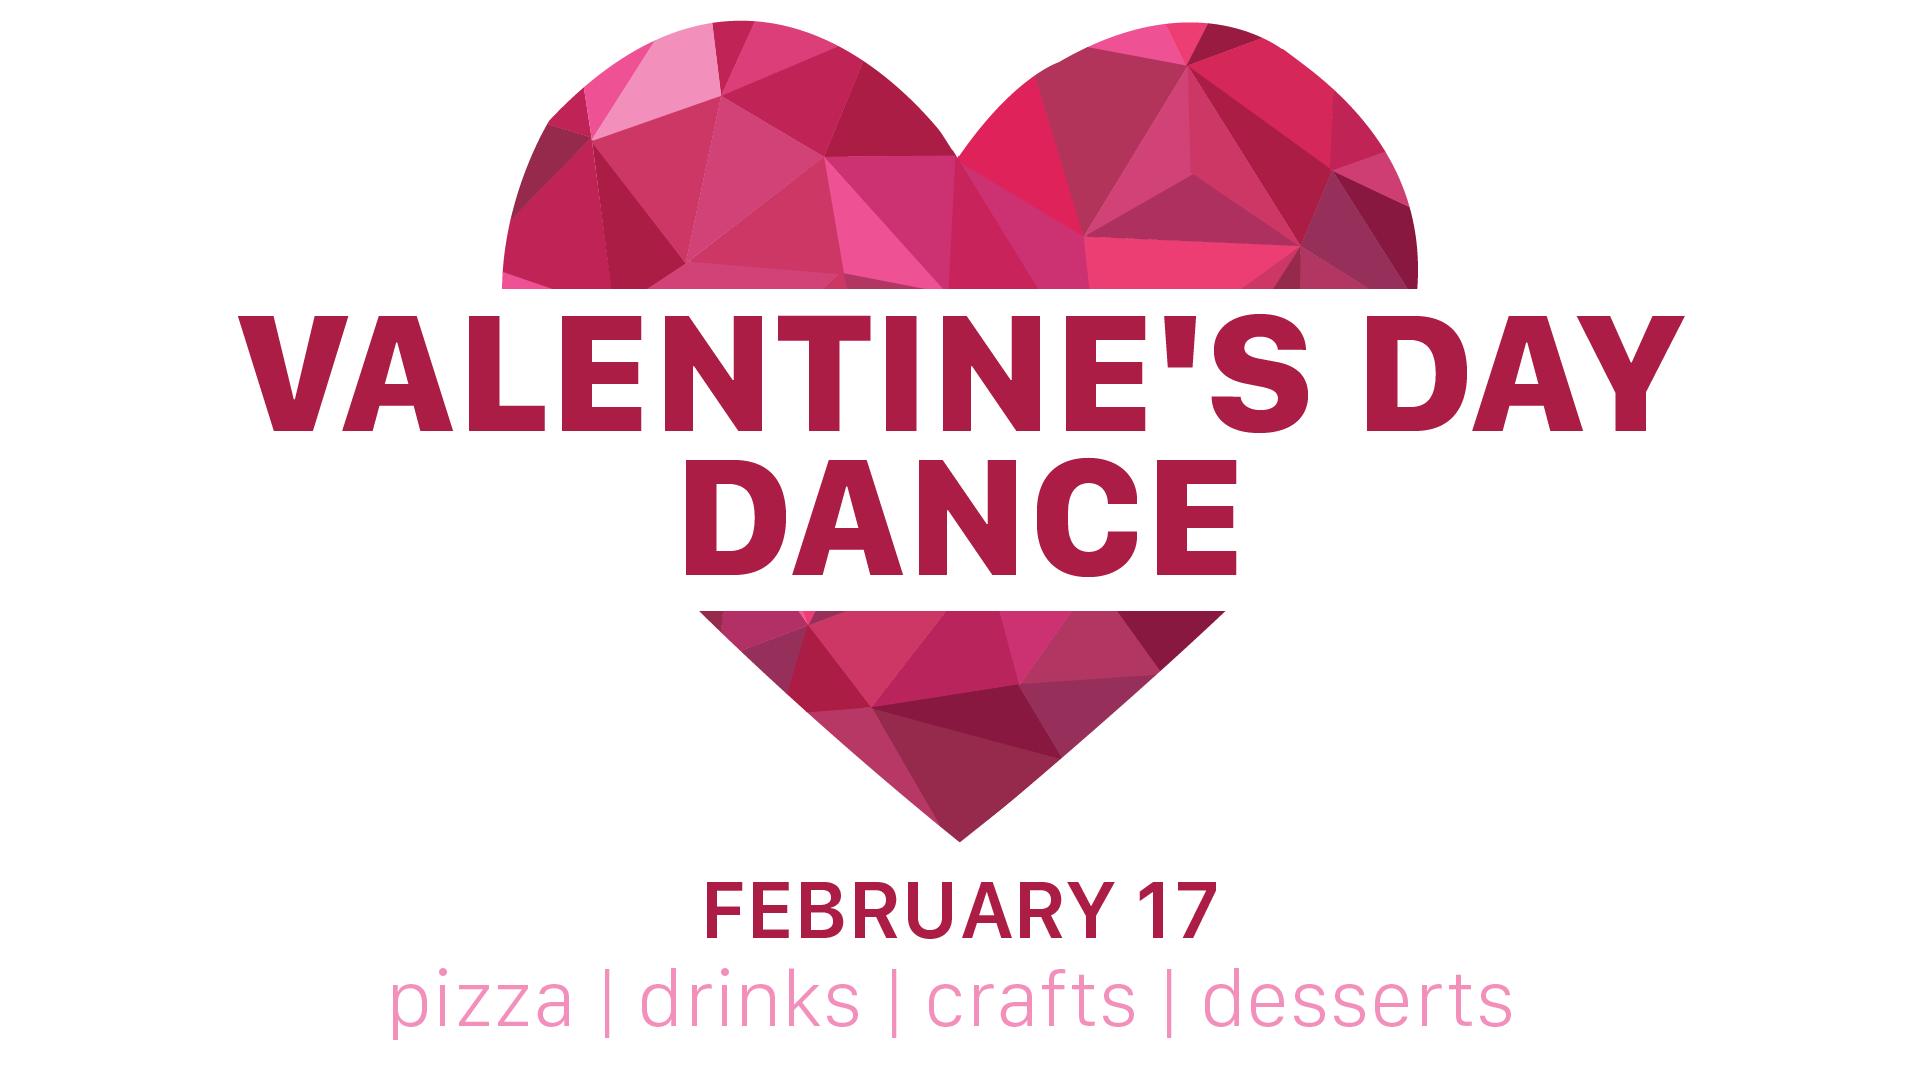 ValentineDayDance-2018-02